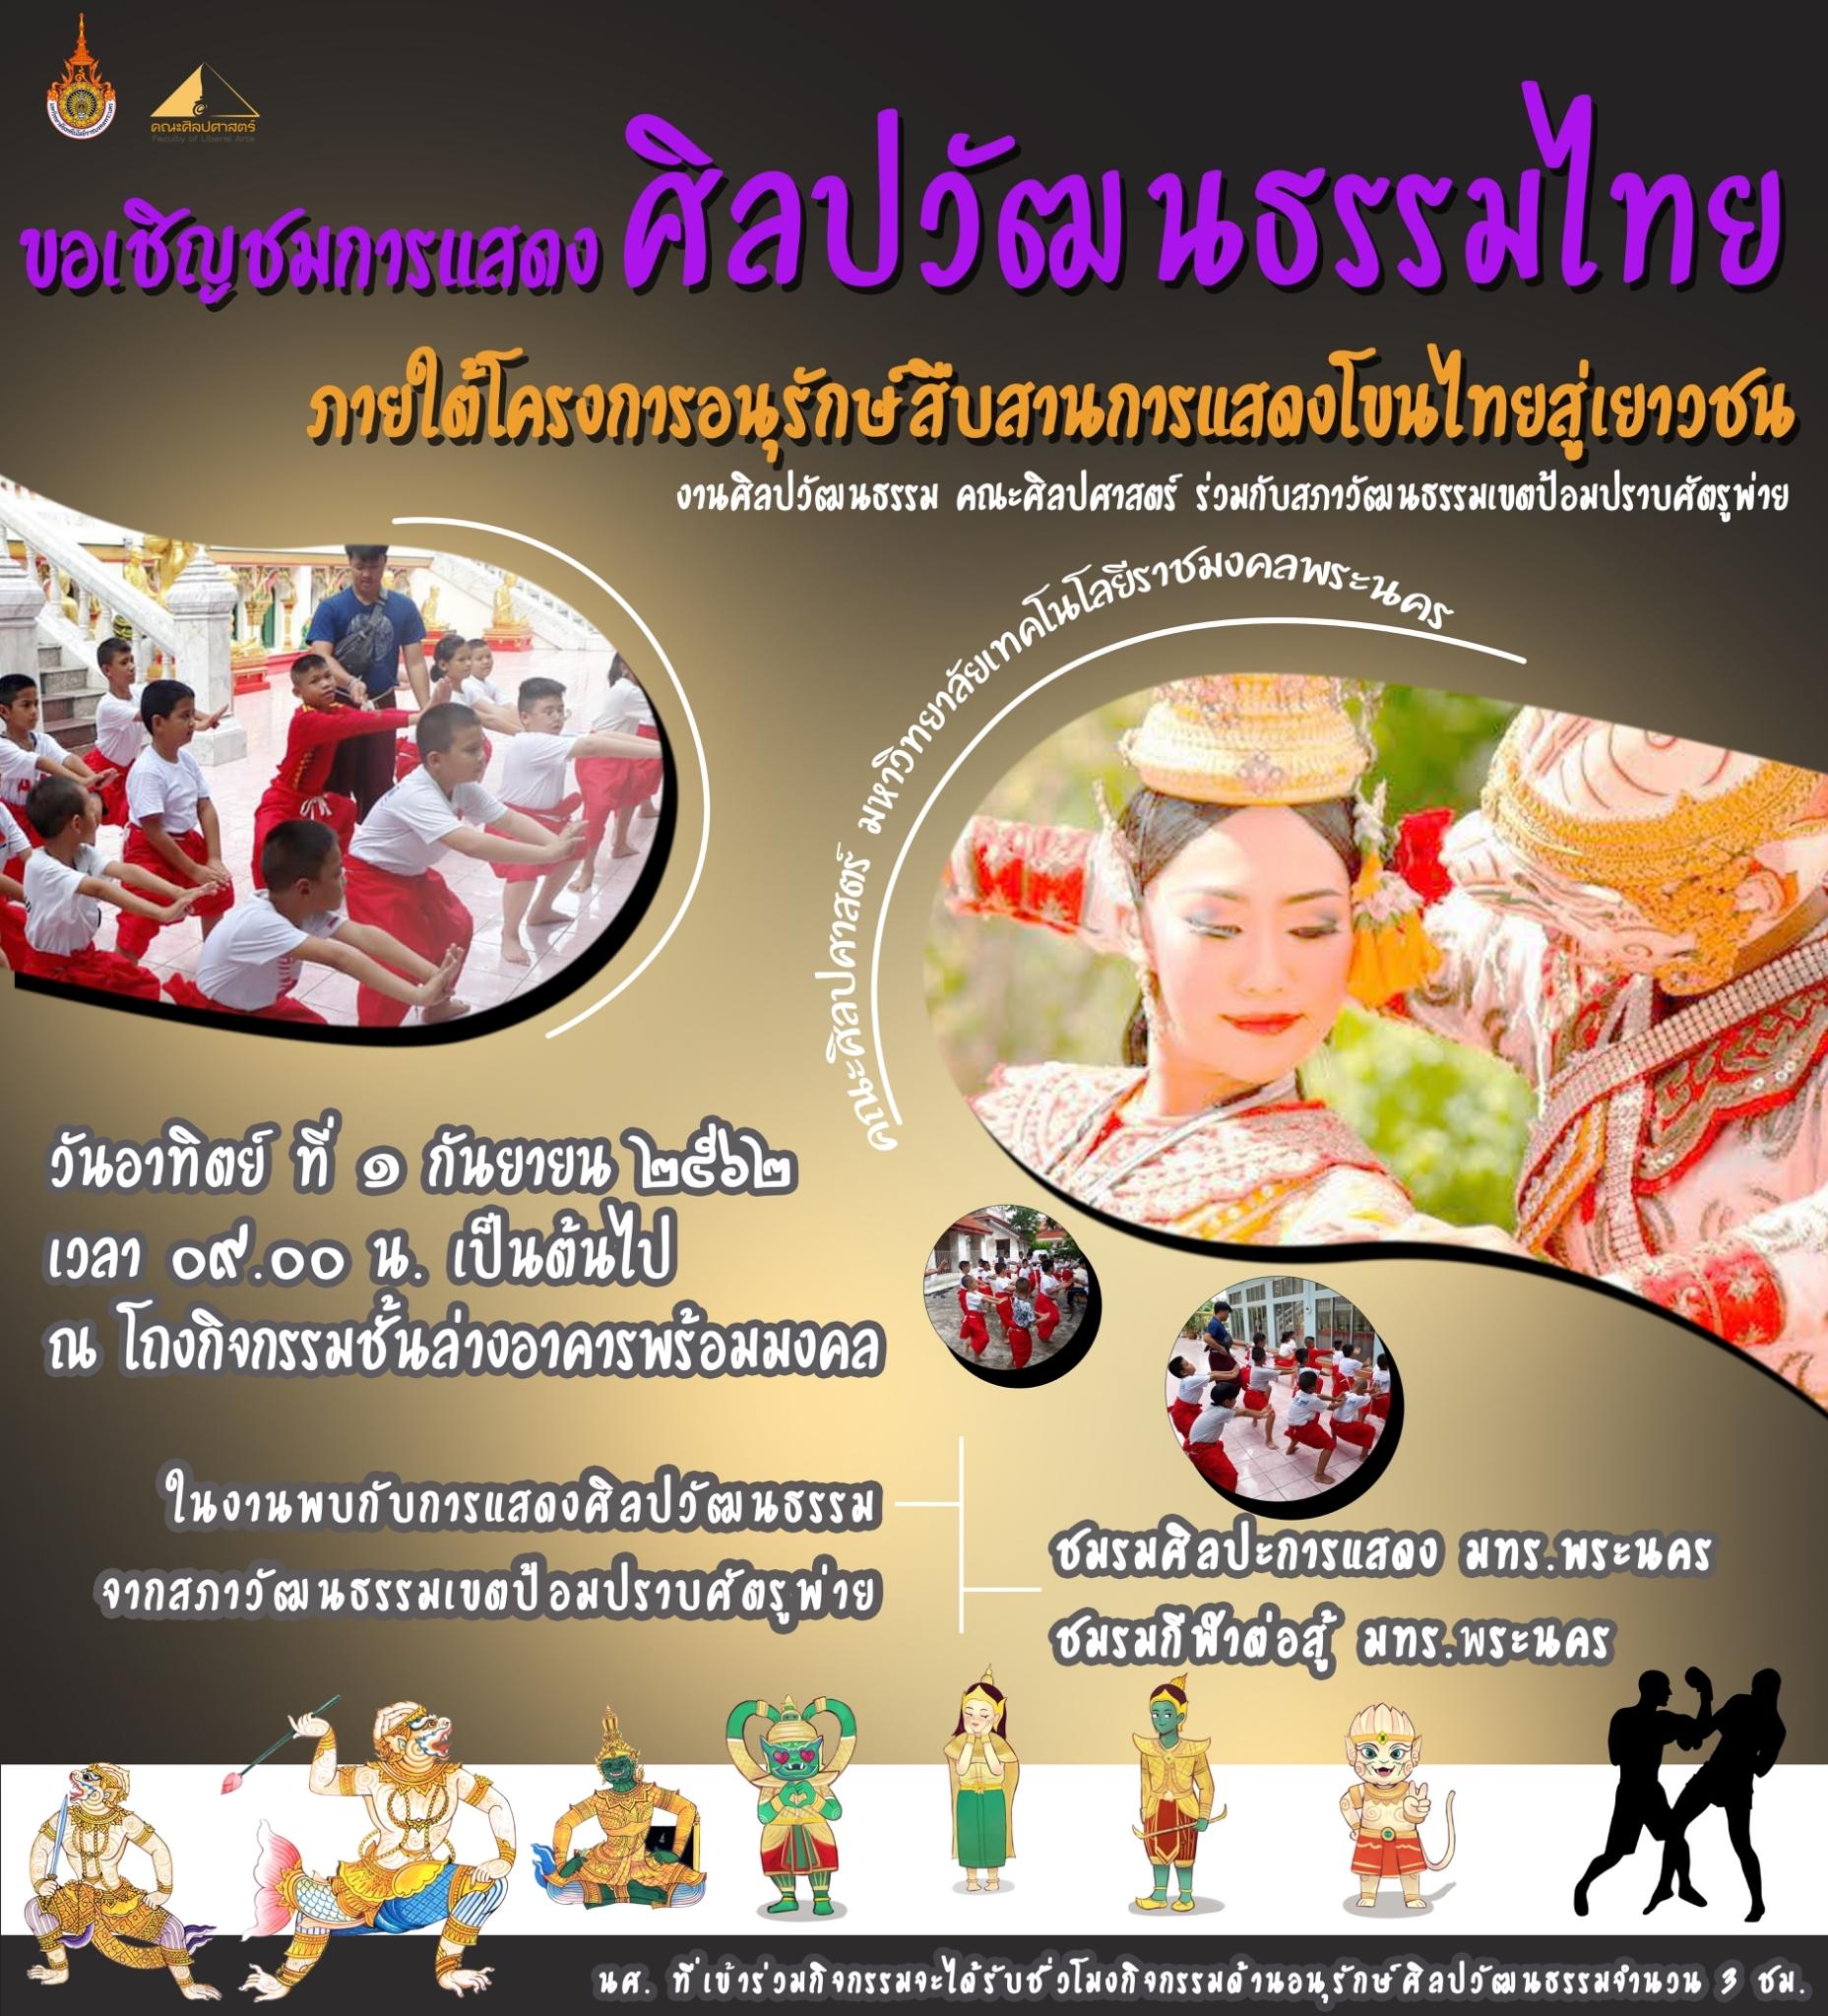 """ขอเชิญชมการแสดงศิลปวัฒนธรรมไทย """"ภายใต้โครงการอนุรักษ์สืบสานการแสดงโขนไทยสู่เยาวชน"""""""